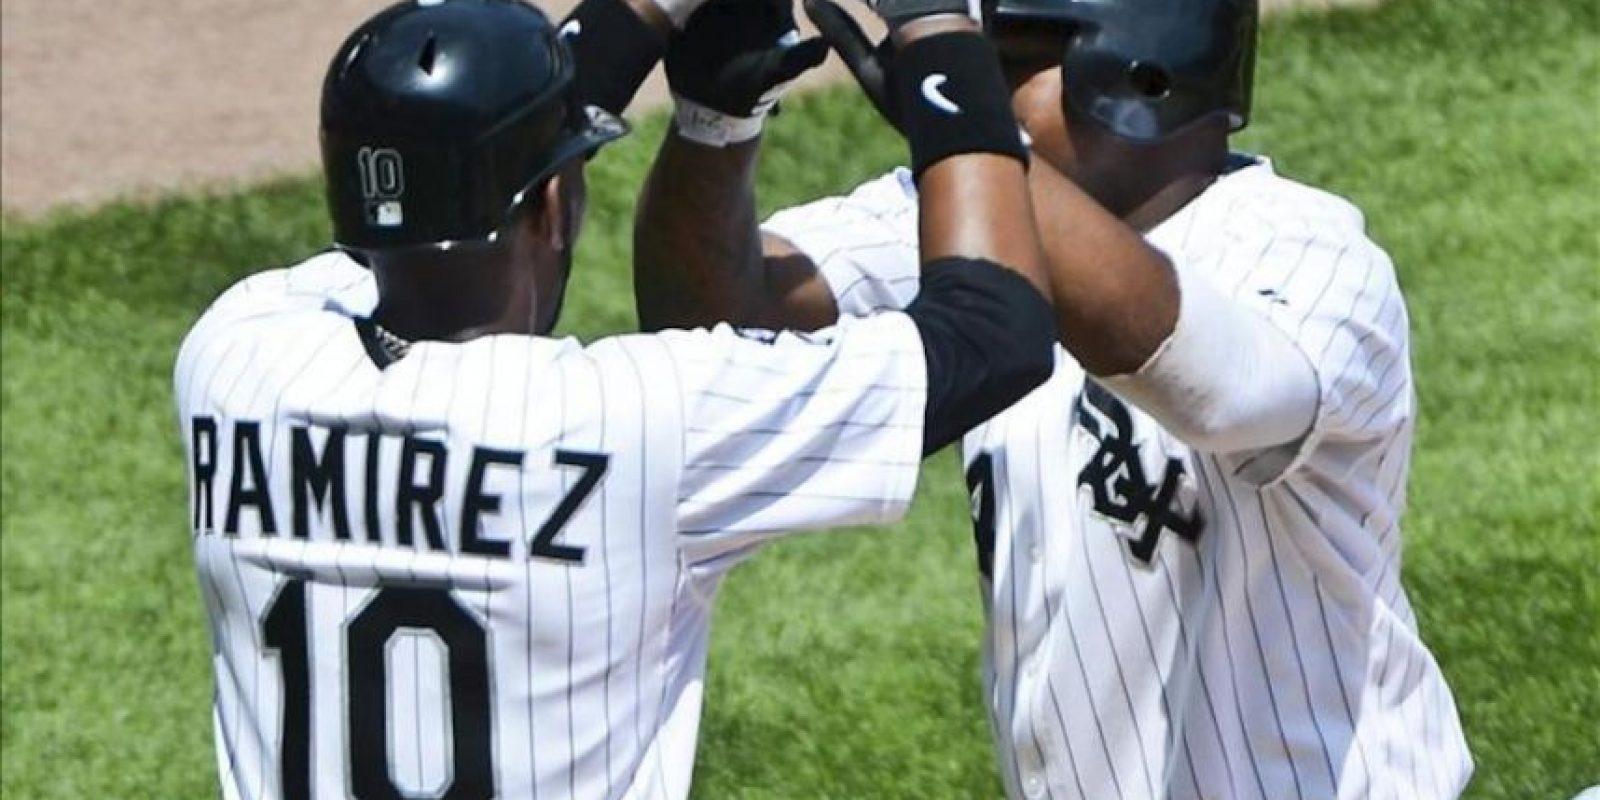 Los jugadores de los Medias Blancas, Alexei Ramirez (i) y Dayan Viciedo, celebran este 25 de julio, durante el juego de la MLB ante los Twins que se disputa en el Cellular Field en Chicago, Illinois (EE.UU.). EFE